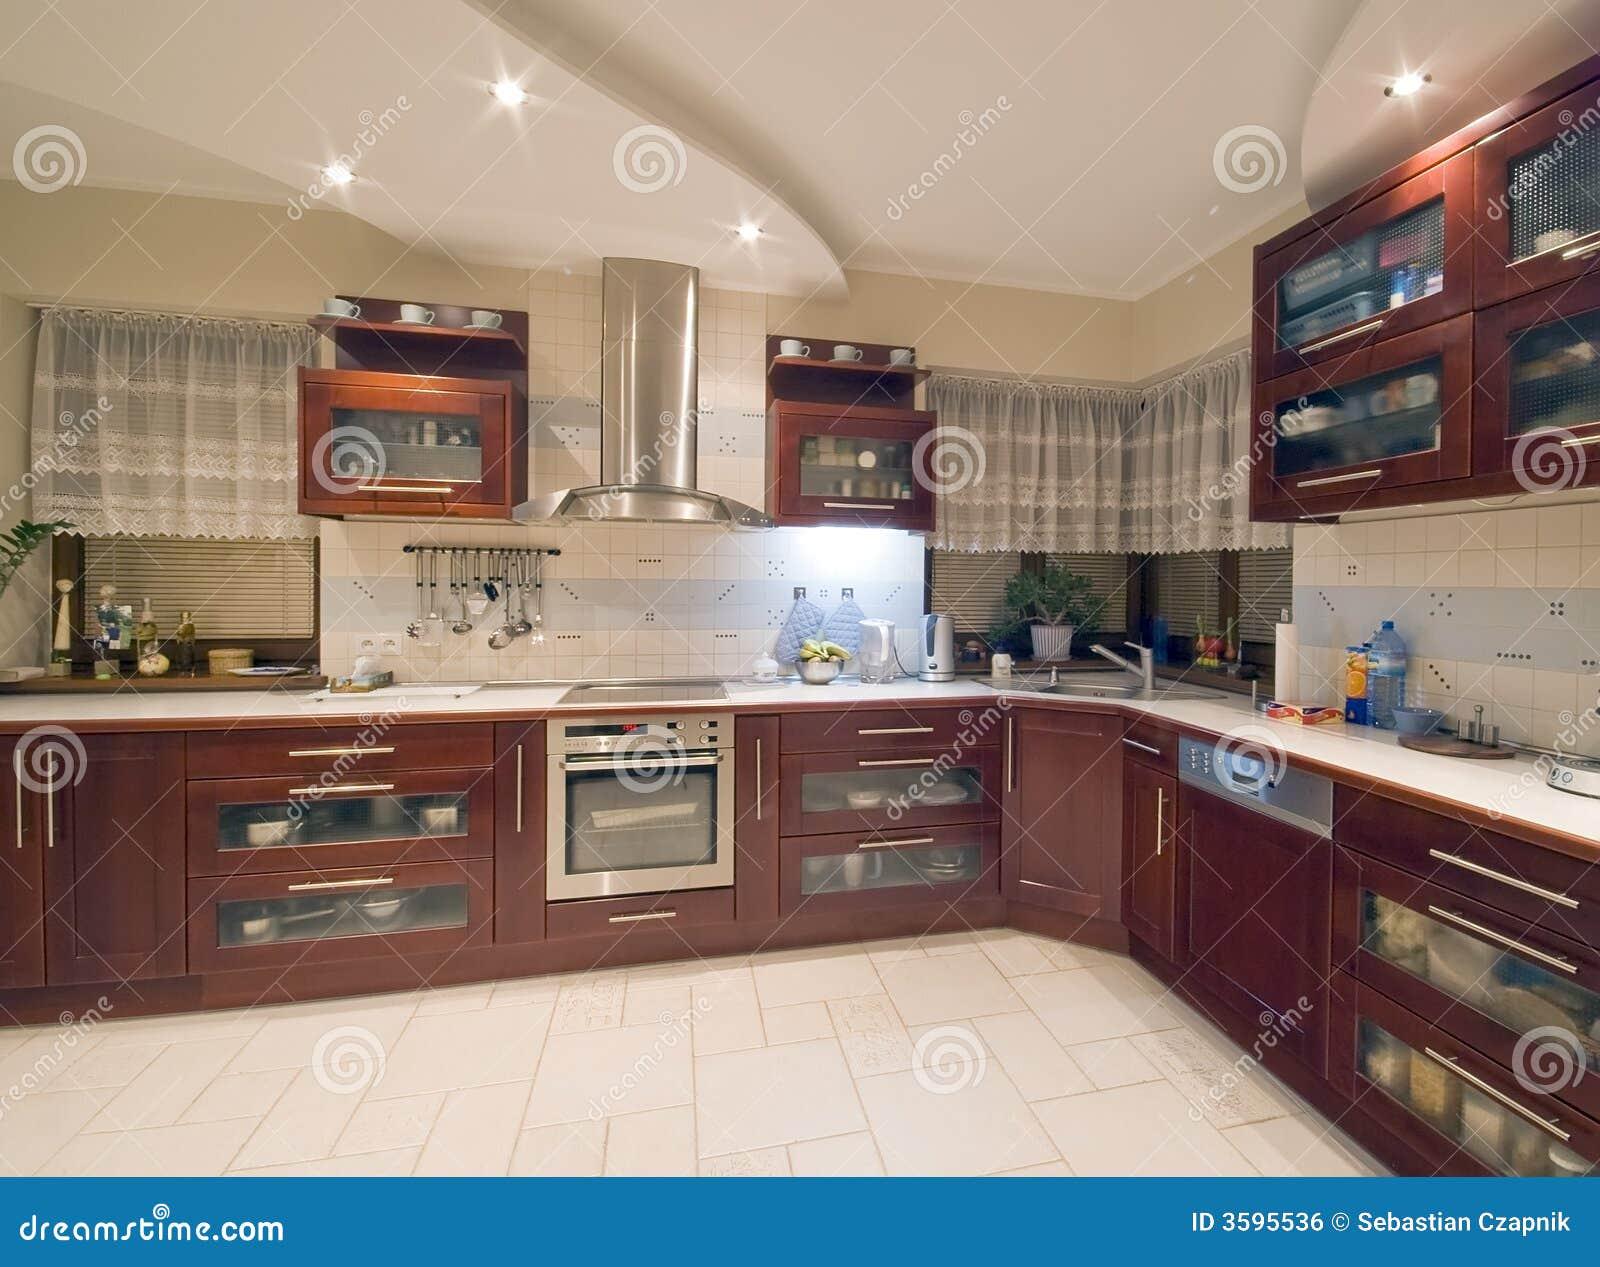 Nowoczesna Kuchnia Wewnętrznego Obraz Royalty Free  Obraz   -> Kuchnia Wloska Obrazy